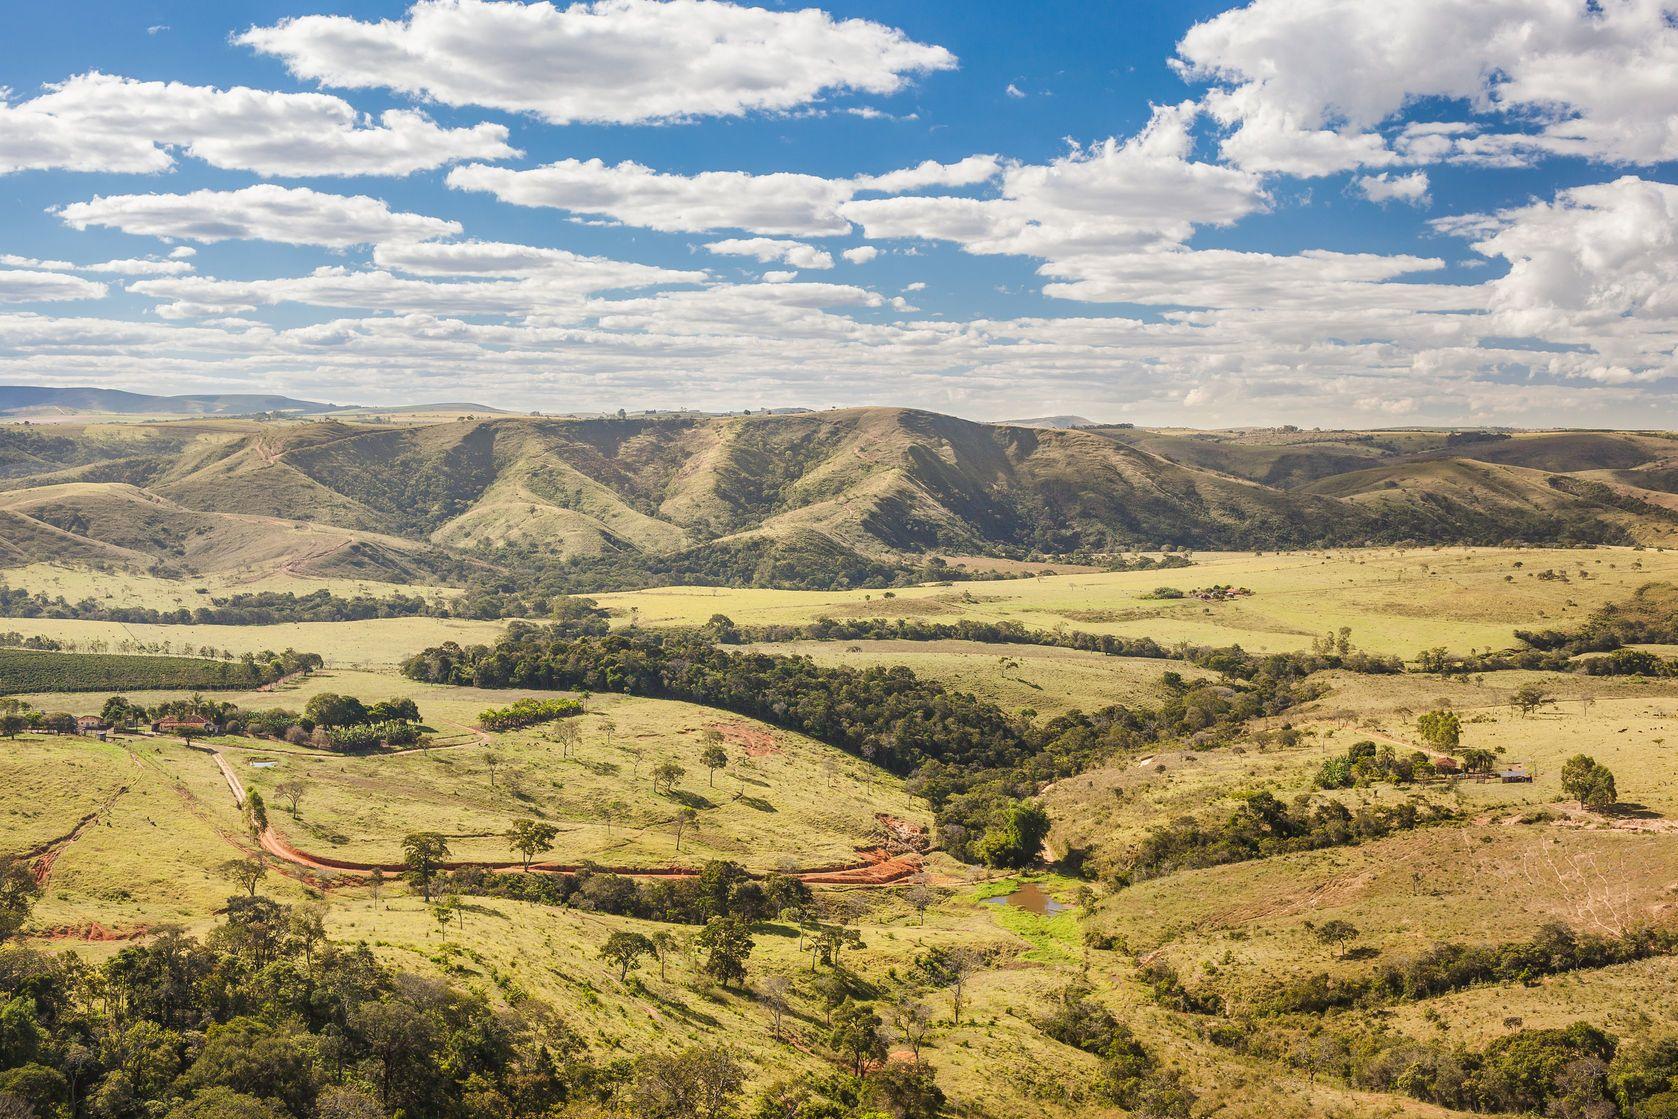 Krajina v Minas Gerais | luchqueiroz/123RF.com